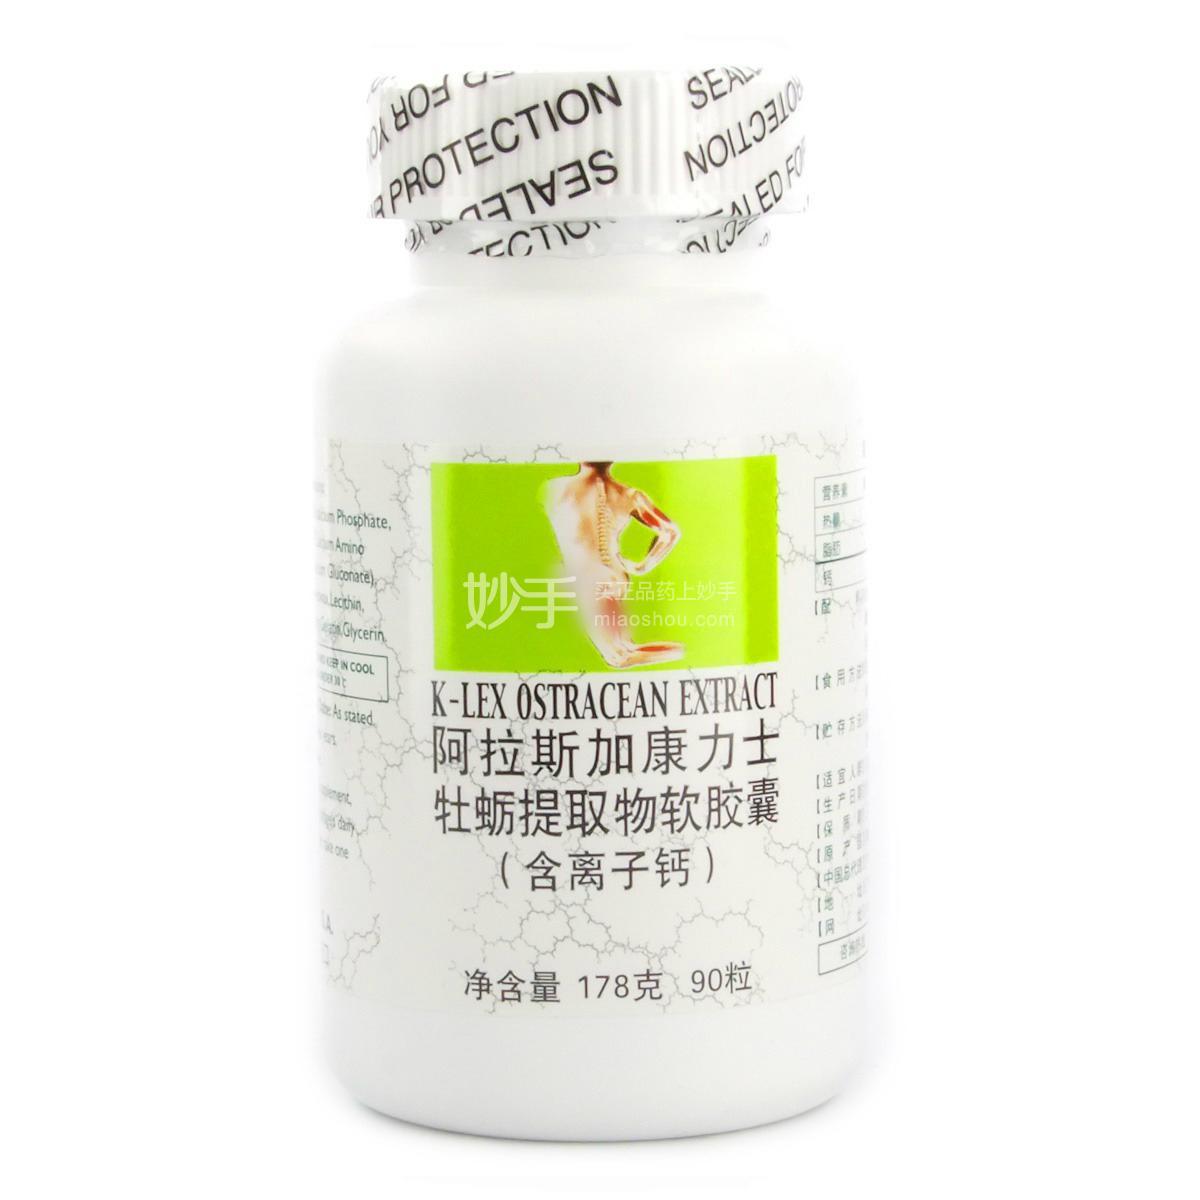 【康力士】牡蛎提取物软胶囊(含离子钙) 90粒